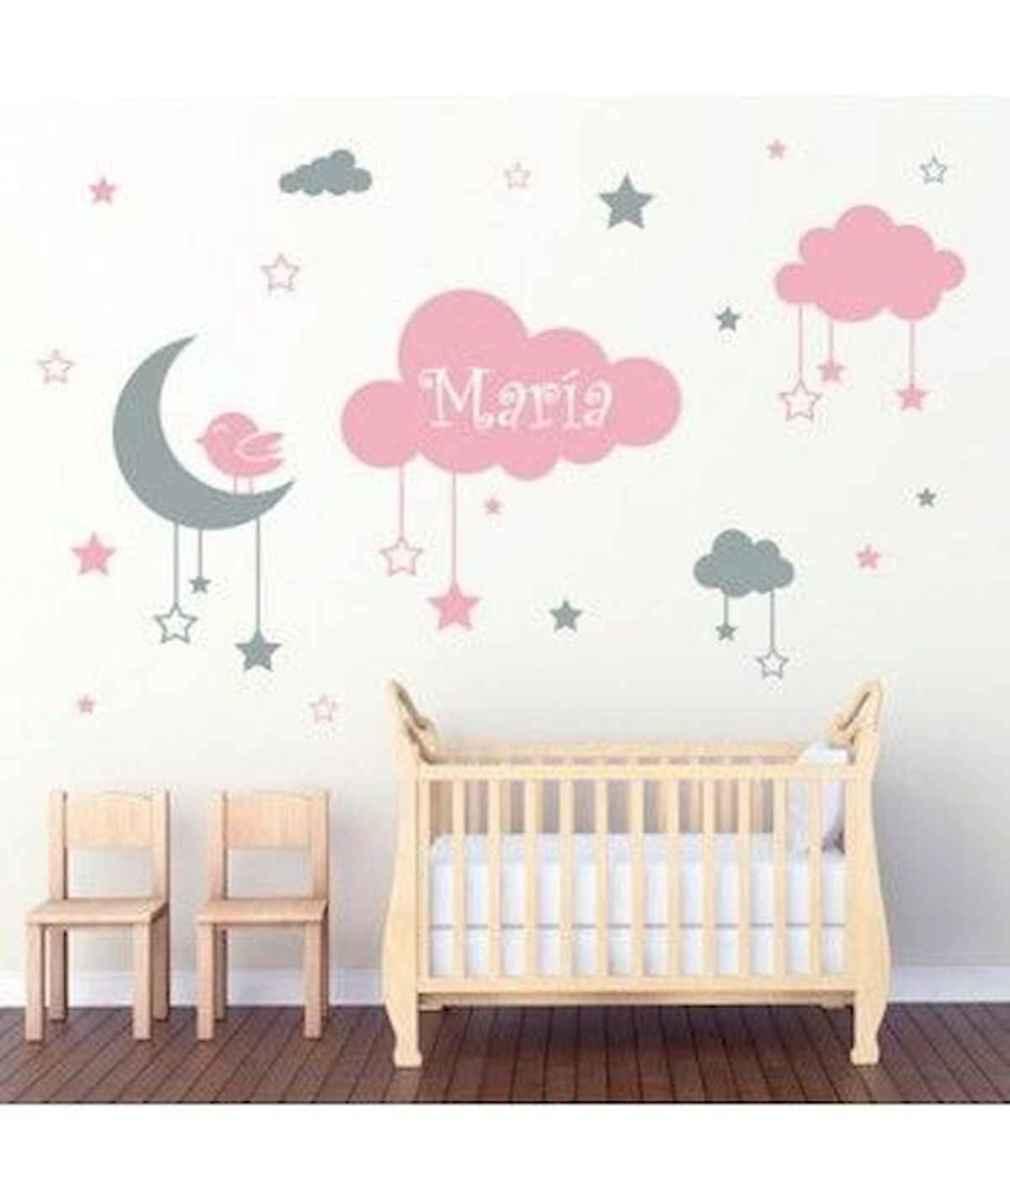 33 Adorable Nursery Room Ideas For Girl (11)